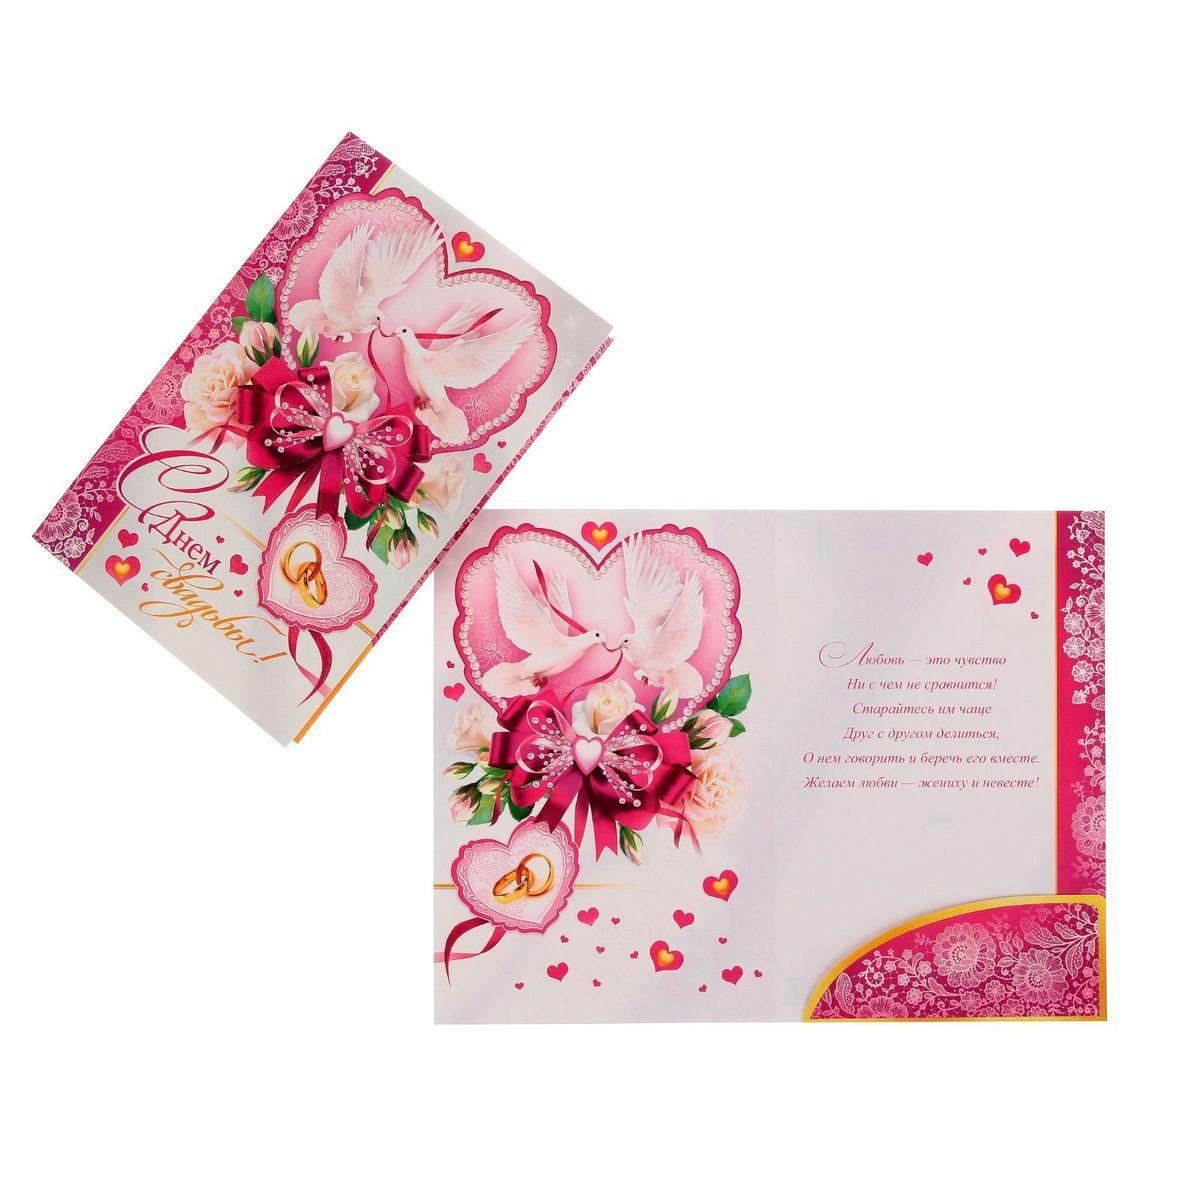 Открытка Мир открыток С Днем свадьбы! Розы и голуби1233306Если вы хотите порадовать себя или близких, создать праздничное настроение и с улыбкой провести памятный день, то вы, несомненно, сделали правильный выбор! Открытка Мир открыток С Днем свадьбы! Розы и голуби, выполненная из картона, отличается не только оригинальным дизайном, но и высоким качеством. Лицевая сторона изделия оформлена красивым изображением роз и голубей и дополнена глиттером. Внутри открытка содержит текст с поздравлением. Такая открытка непременно порадует получателя и станет отличным напоминанием о проведенном вместе времени.